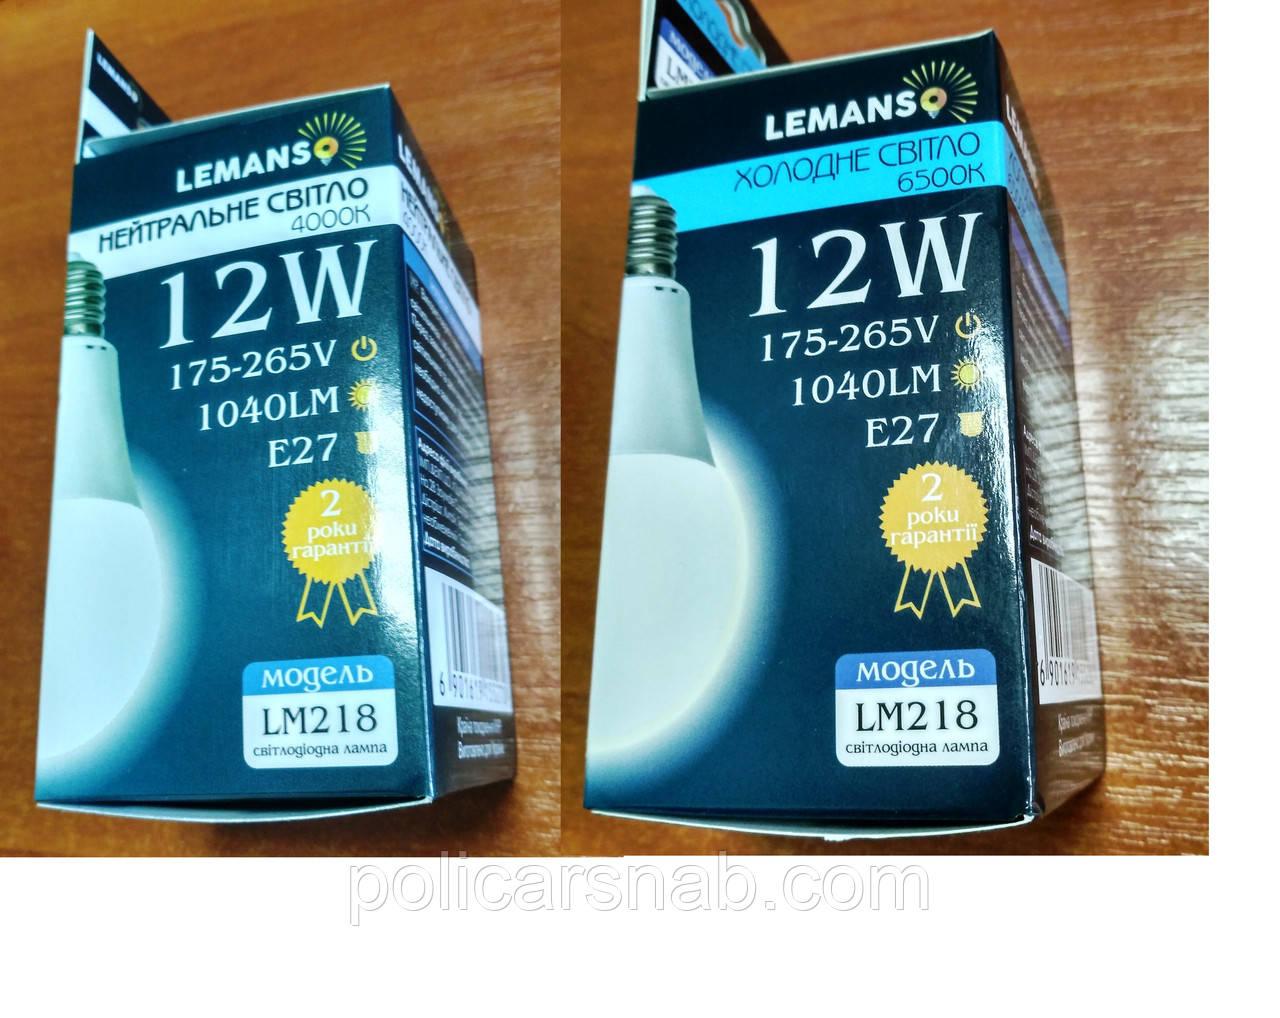 Лампа LED светодиодная 12 Вт 1040Lm 4000,6500К  Е27 шар LM218